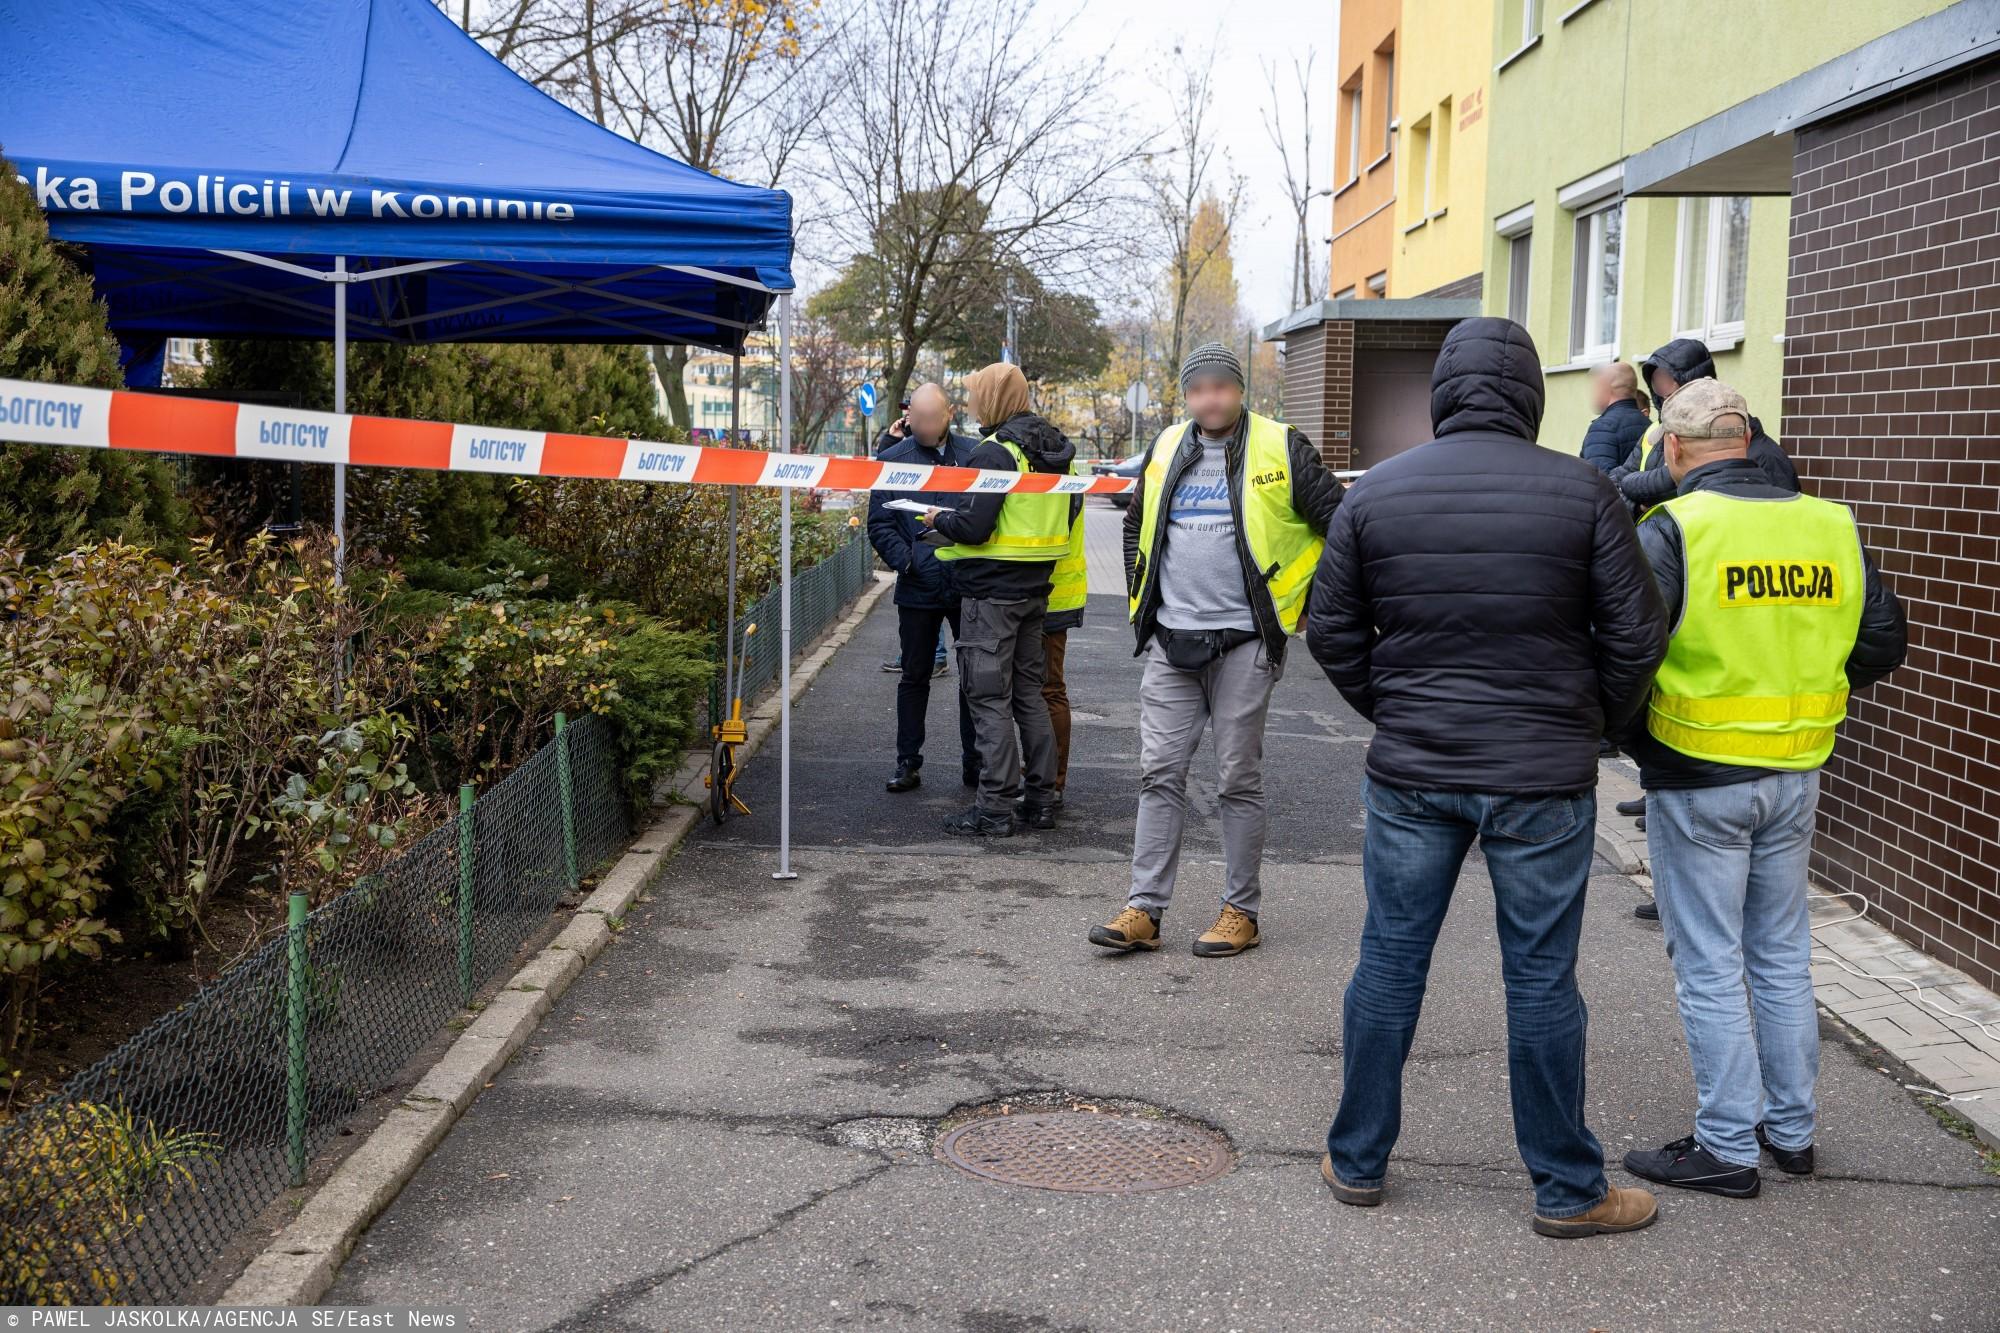 Konin. Policjant śmiertelnie postrzelił 21-latka. To może być kluczowy szczegół